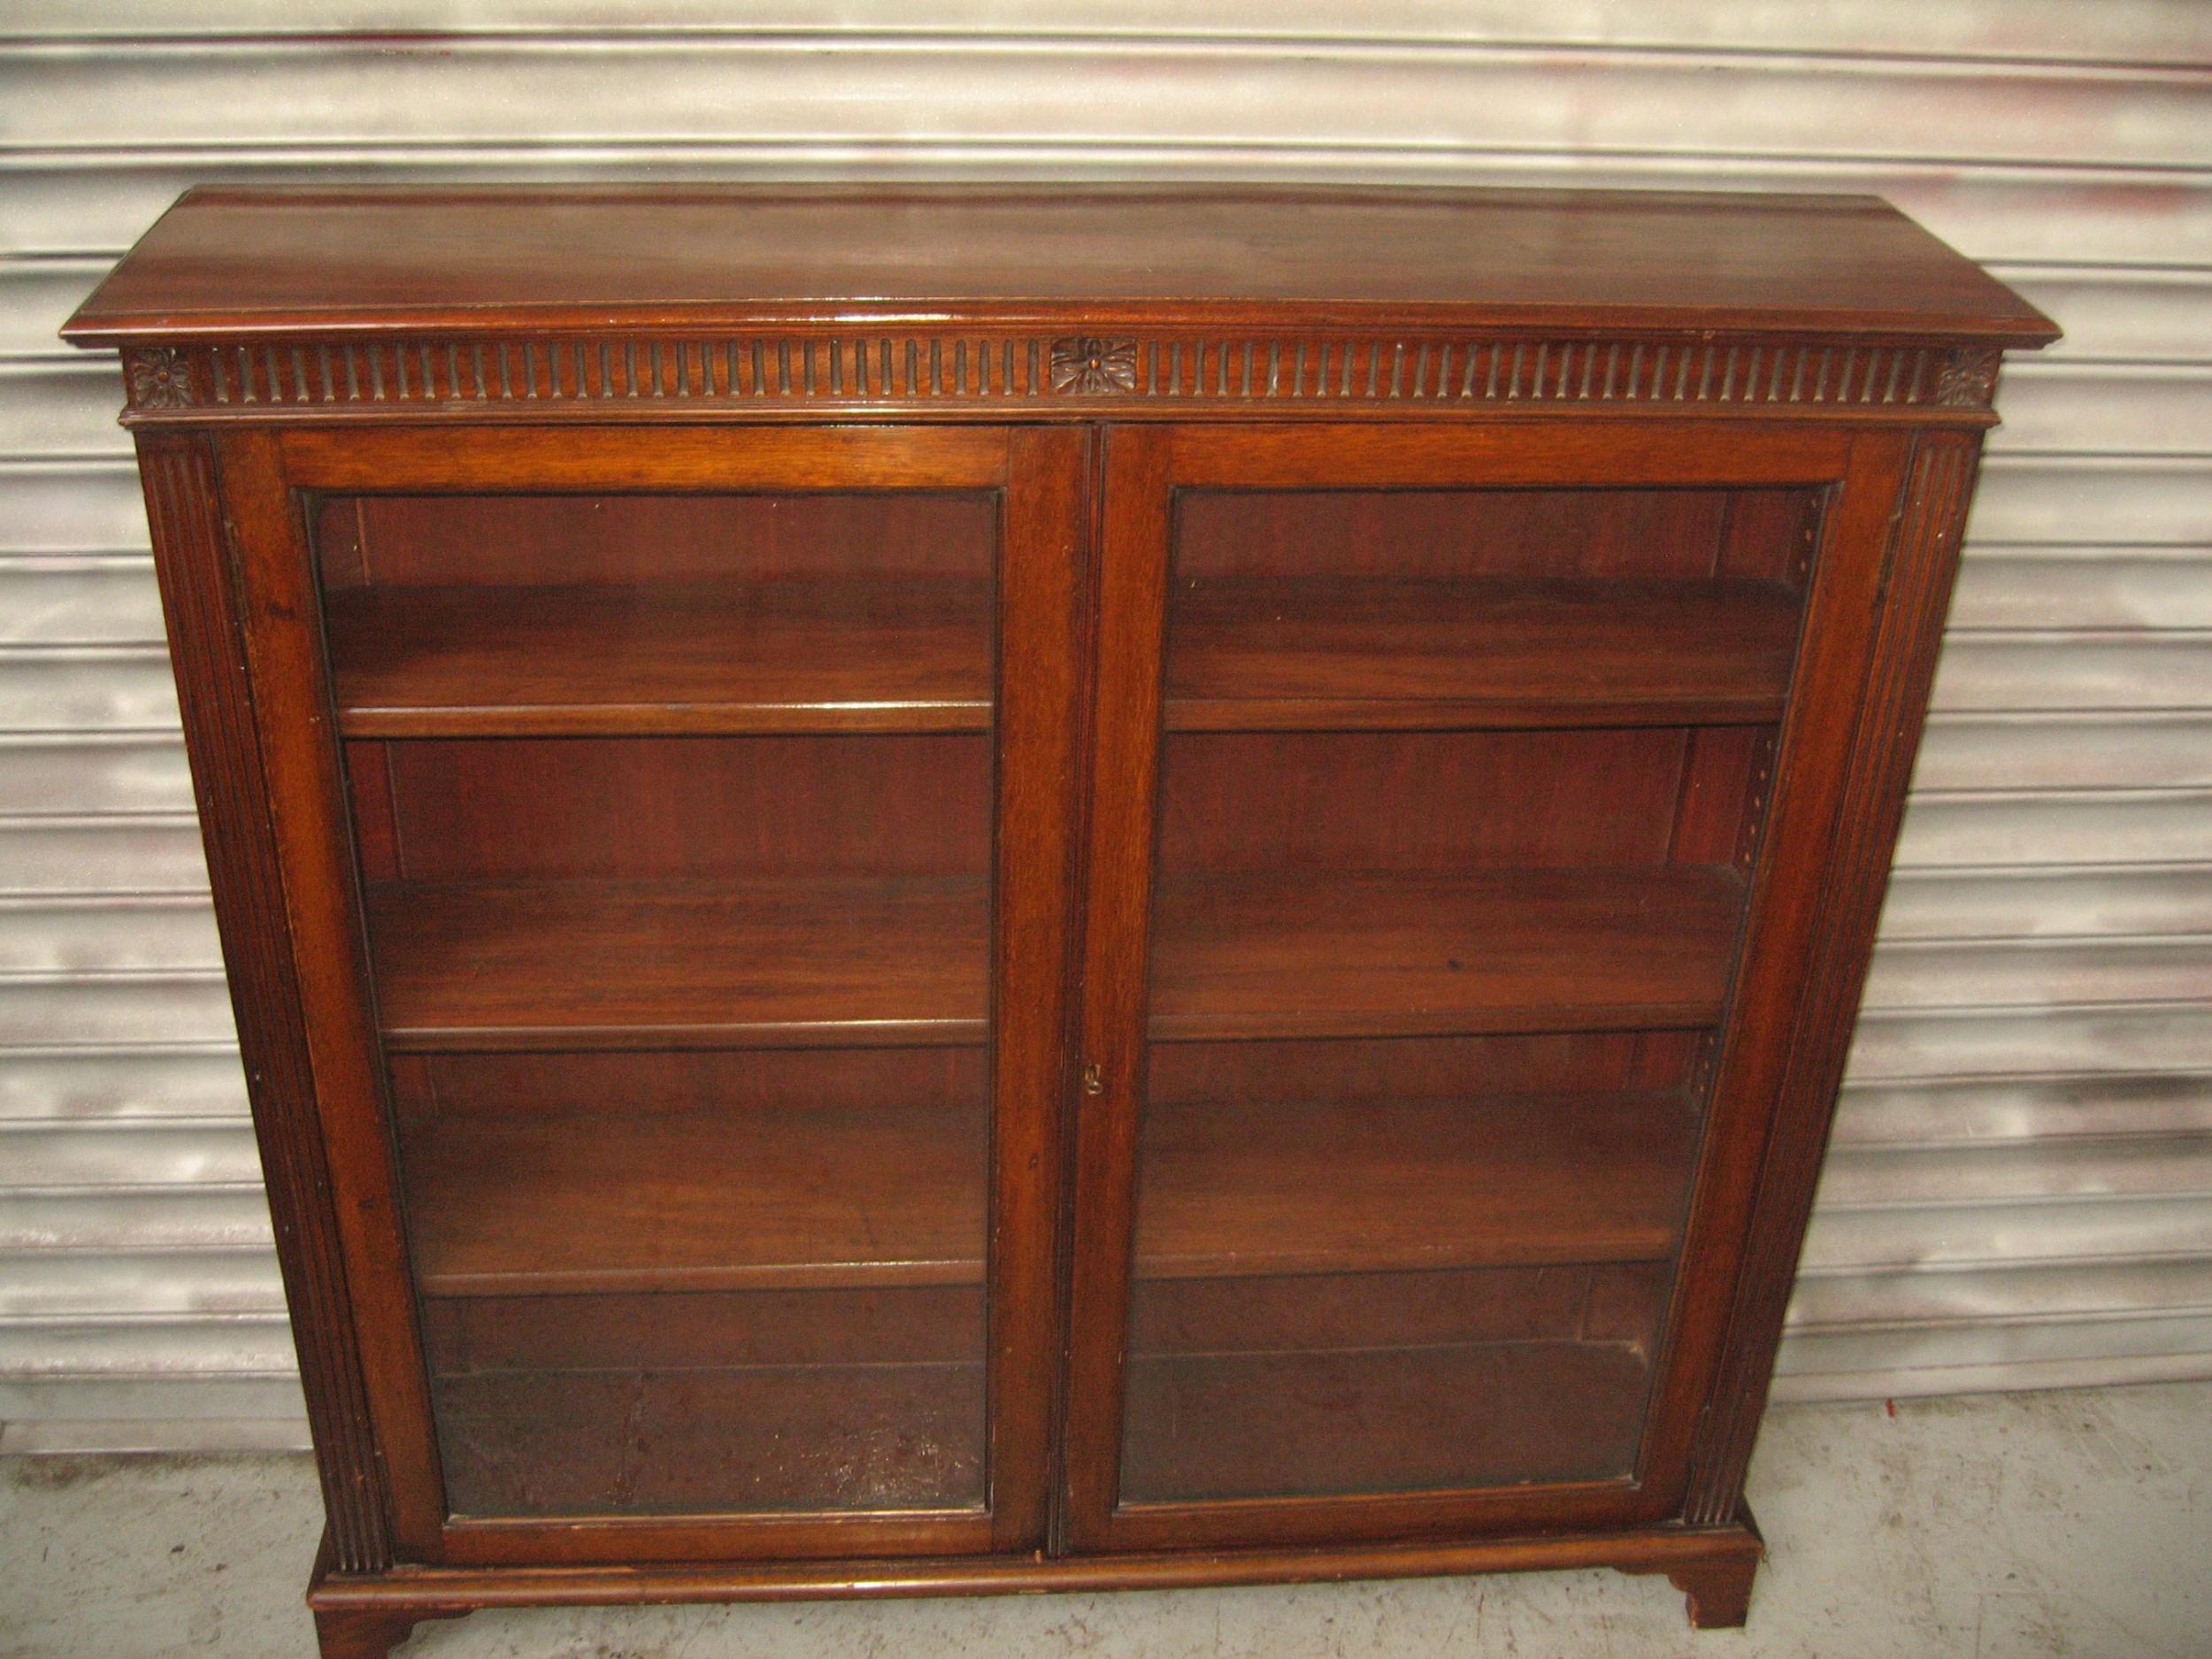 edwardian mahogany two door bookcase